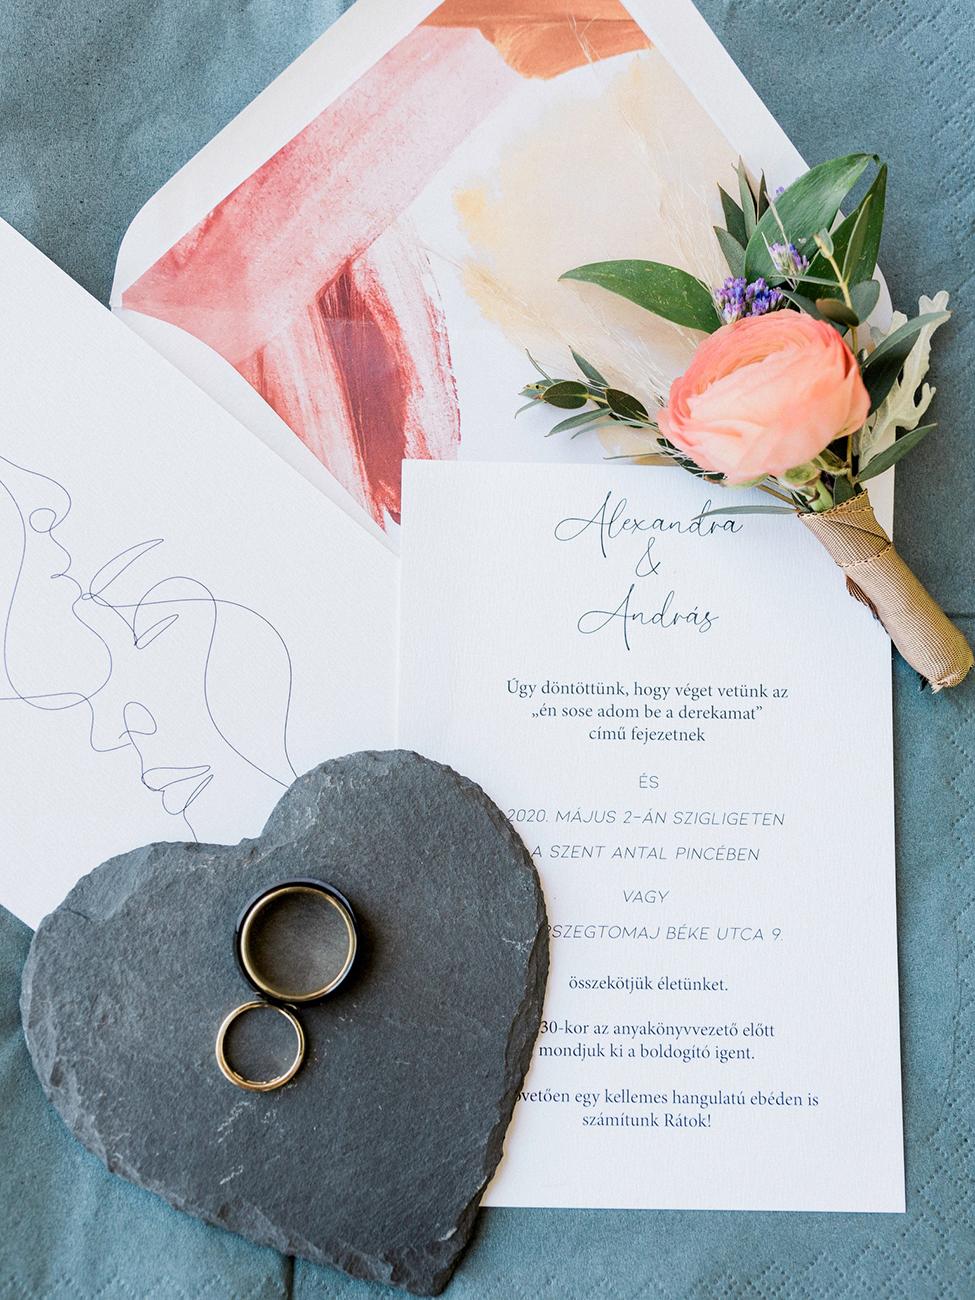 esküvői meghívó, Esküvői papírdekoráció egy rendezvényszervező szemszögéből: Suba Alexandra Papír Róka név alatt készíti az esküvő nélkülözhetetlen elemeit